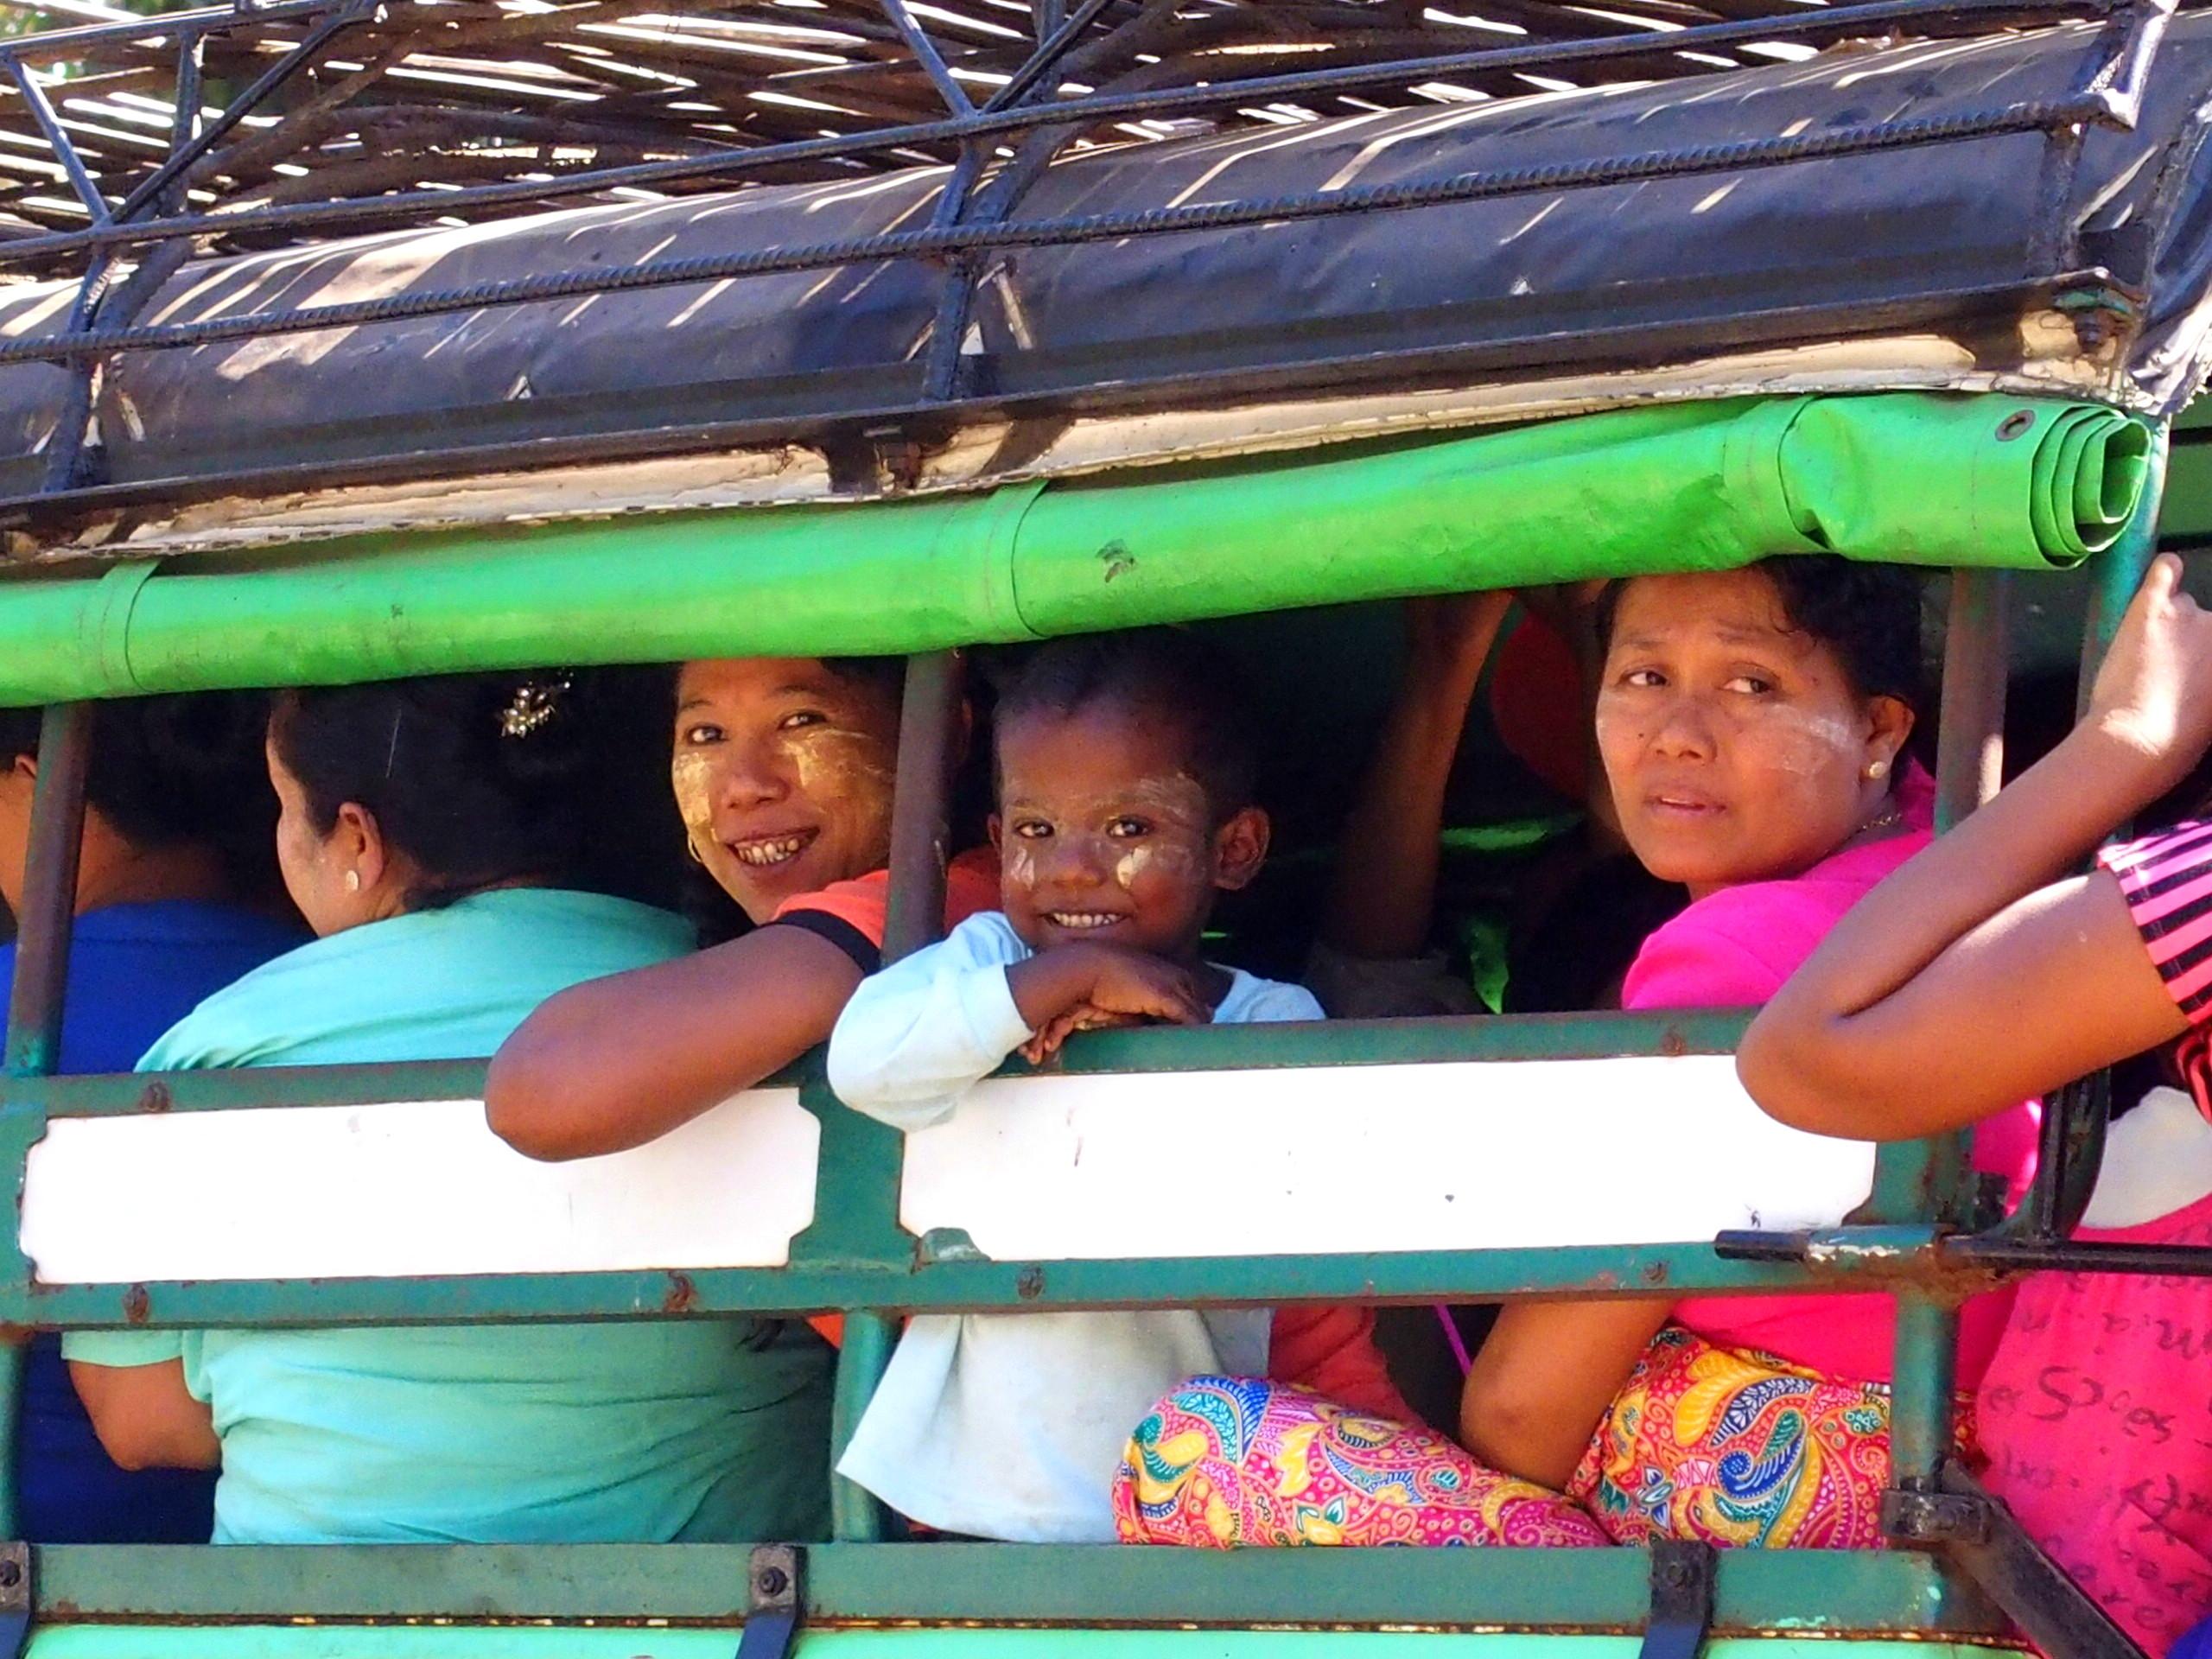 Femme-et-enfant-dans-bus-cérémonie-incinération-Bago-Myanmar